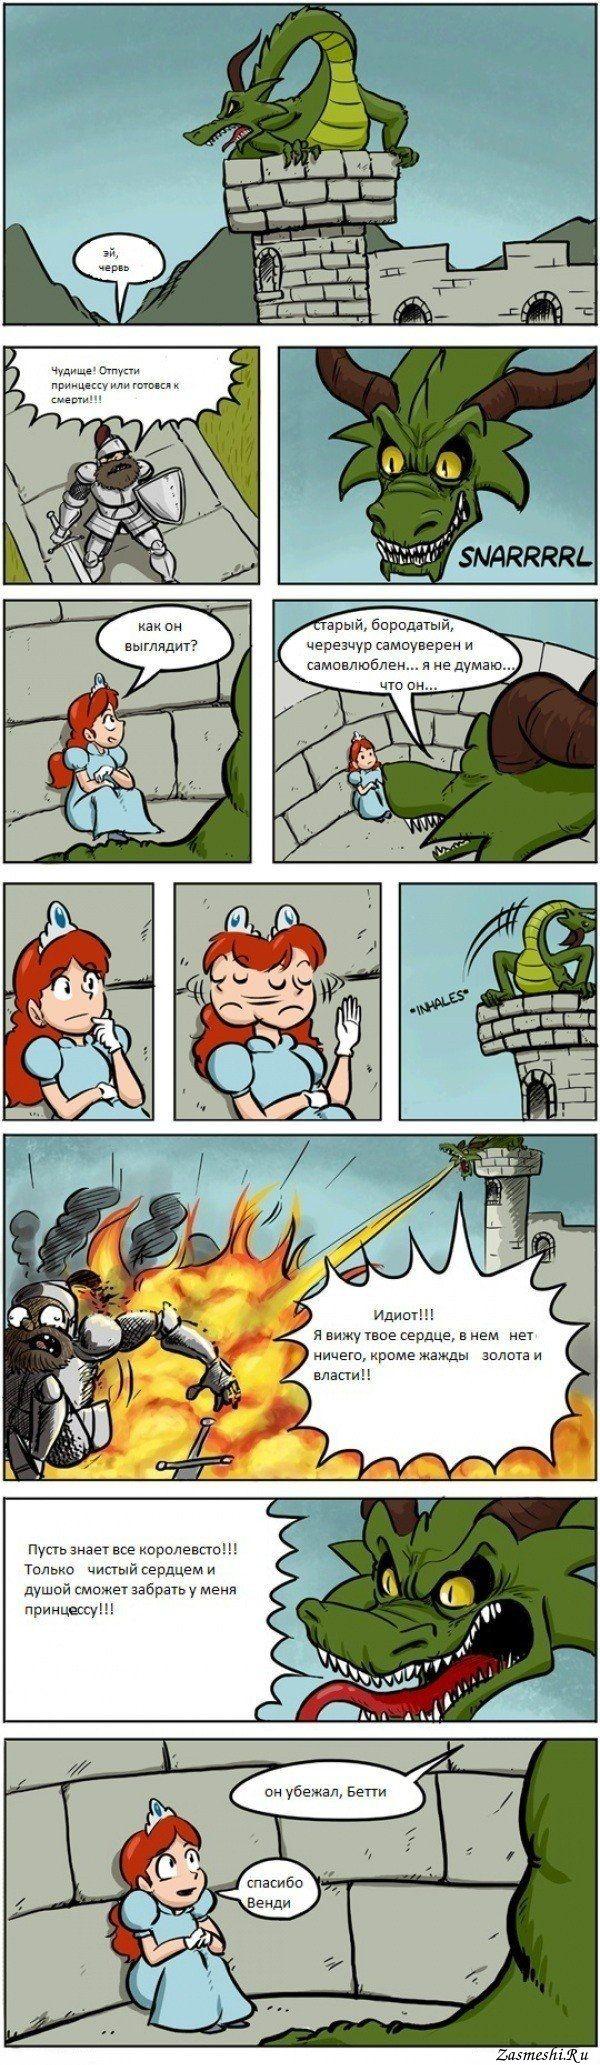 Комикс - Принцесса и дракон | Смешные комиксы, Смешно ...